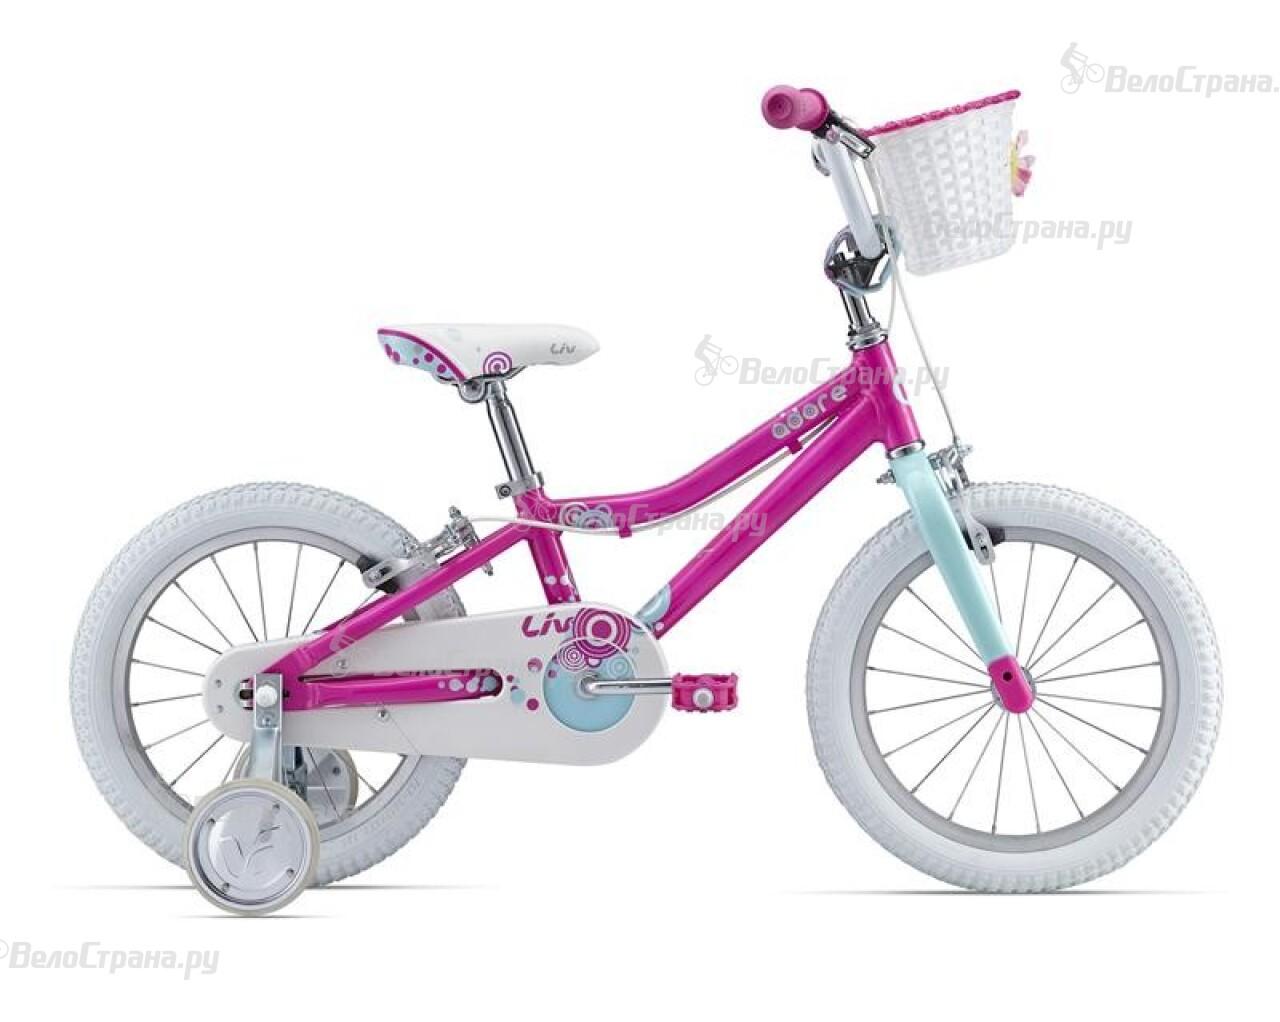 Велосипед Giant Adore F/W 16 (2016)